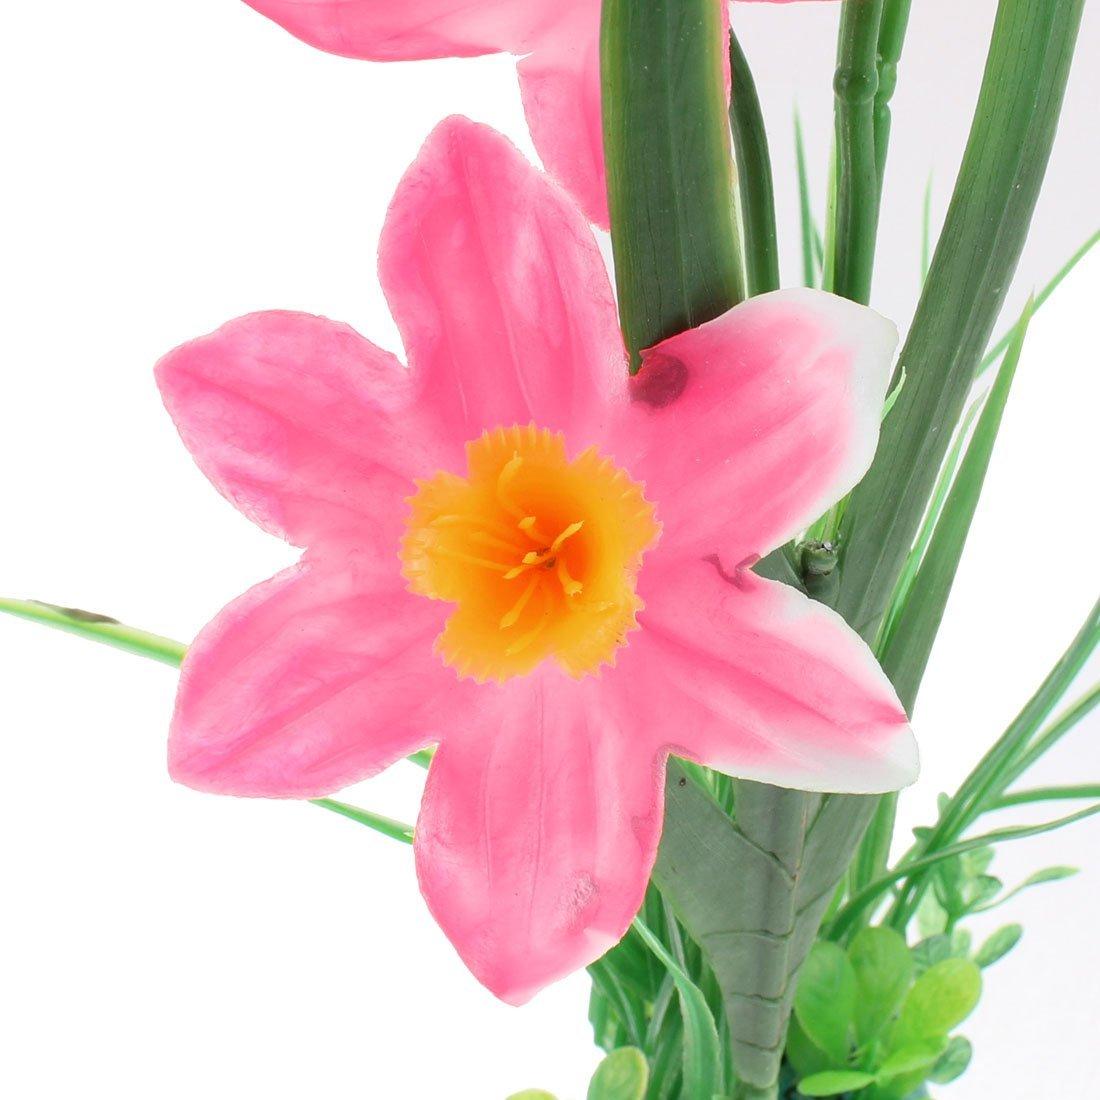 Amazon.com : eDealMax Planta de hierba Artificial acuario de plástico Flor Paisaje Rosa Verde : Pet Supplies